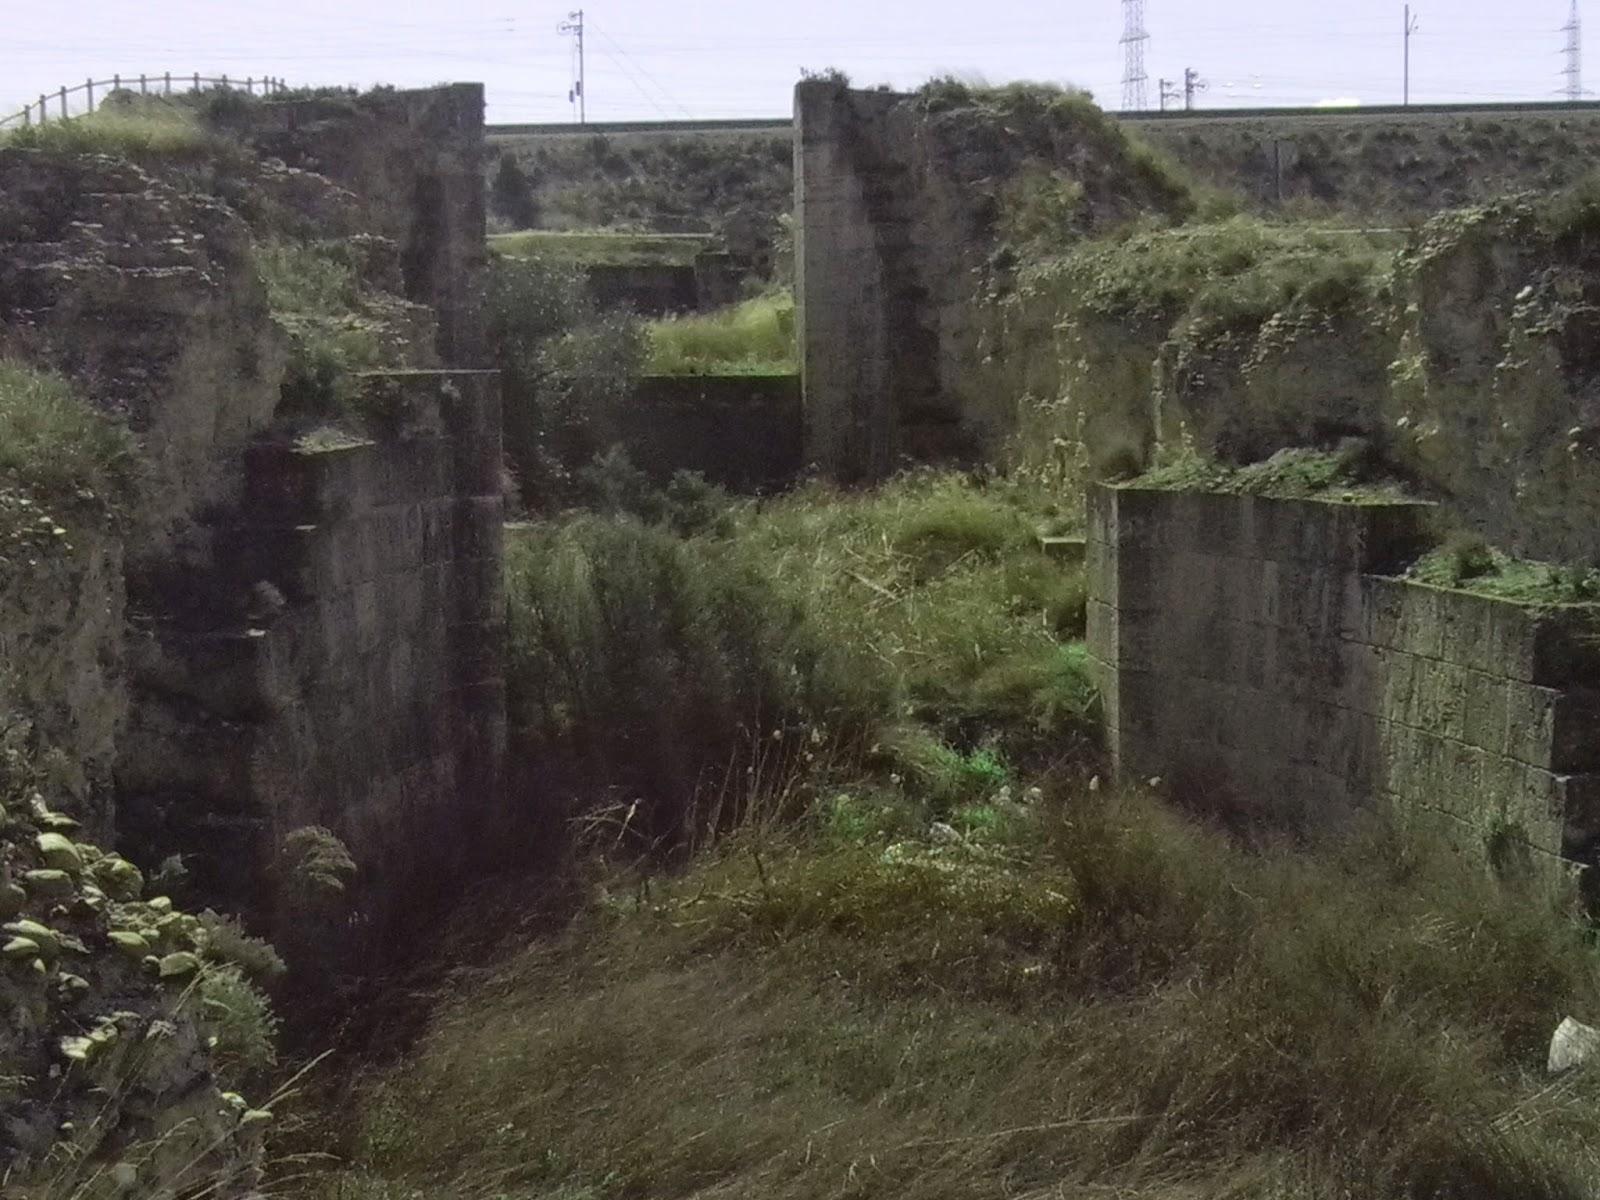 esclusas de Torrecilla de Valmadrid Canal Imperial de Aragón